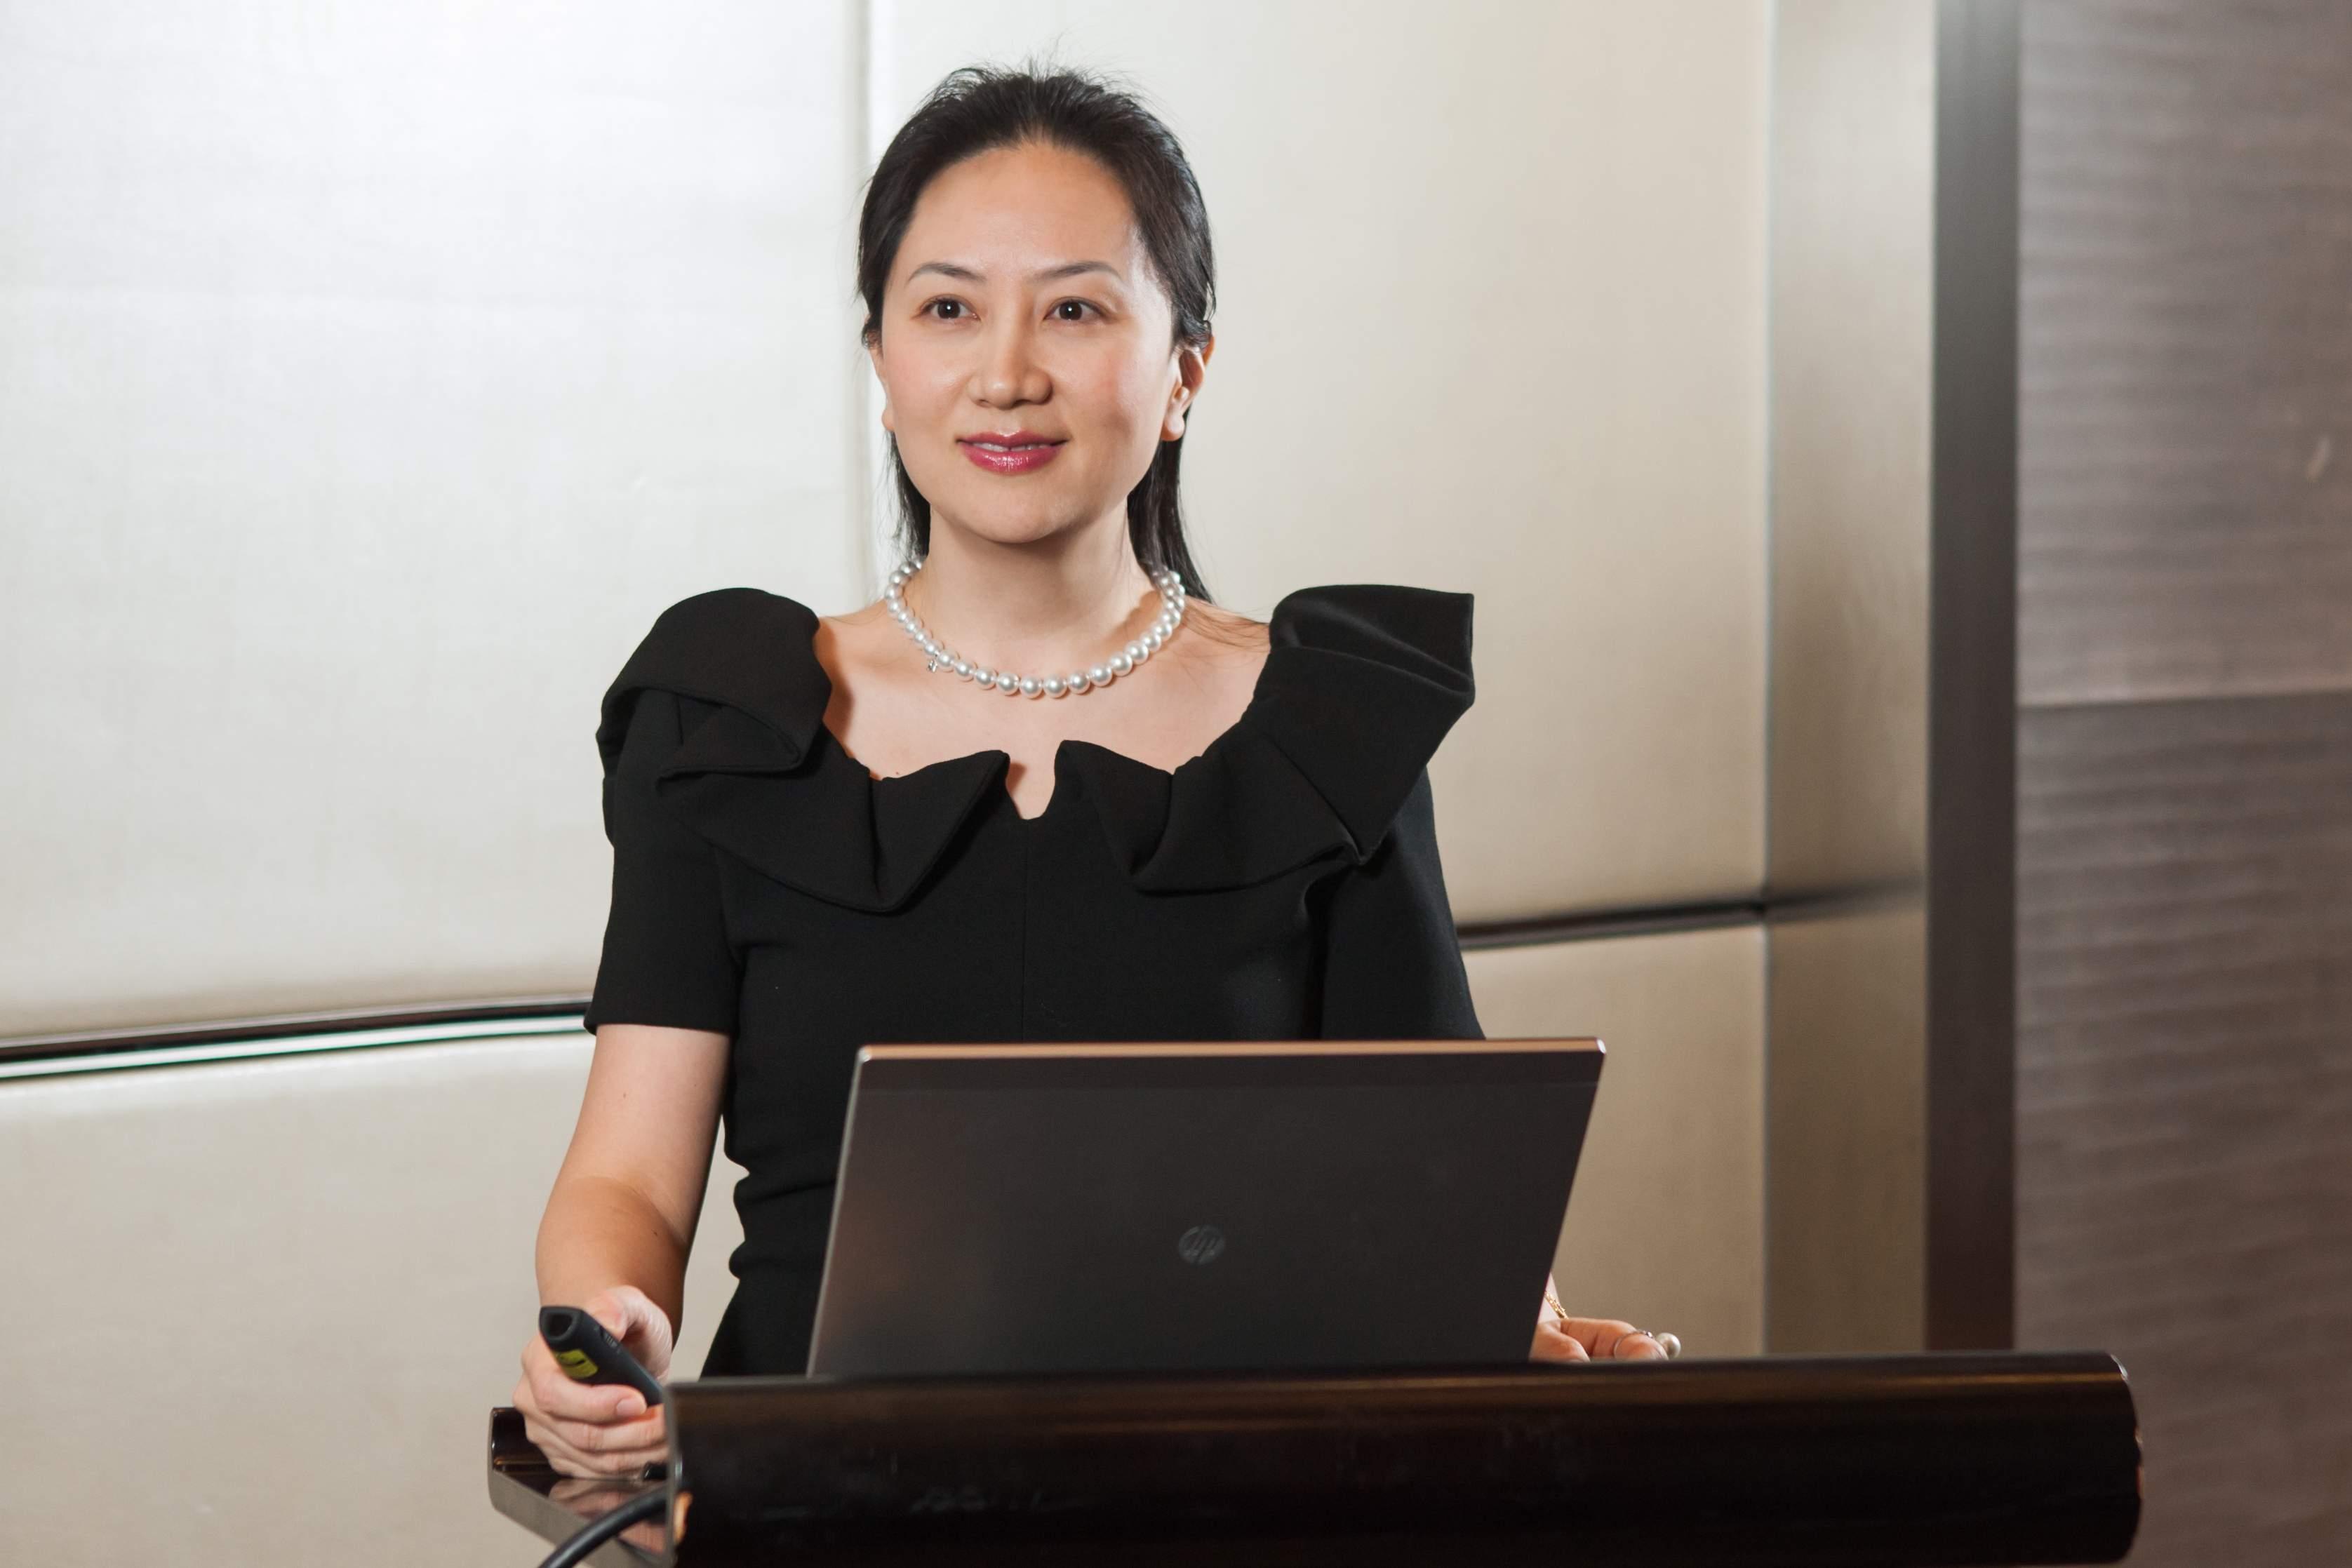 Caso Huawei: libertà cauzionale per Meng Wanzhou